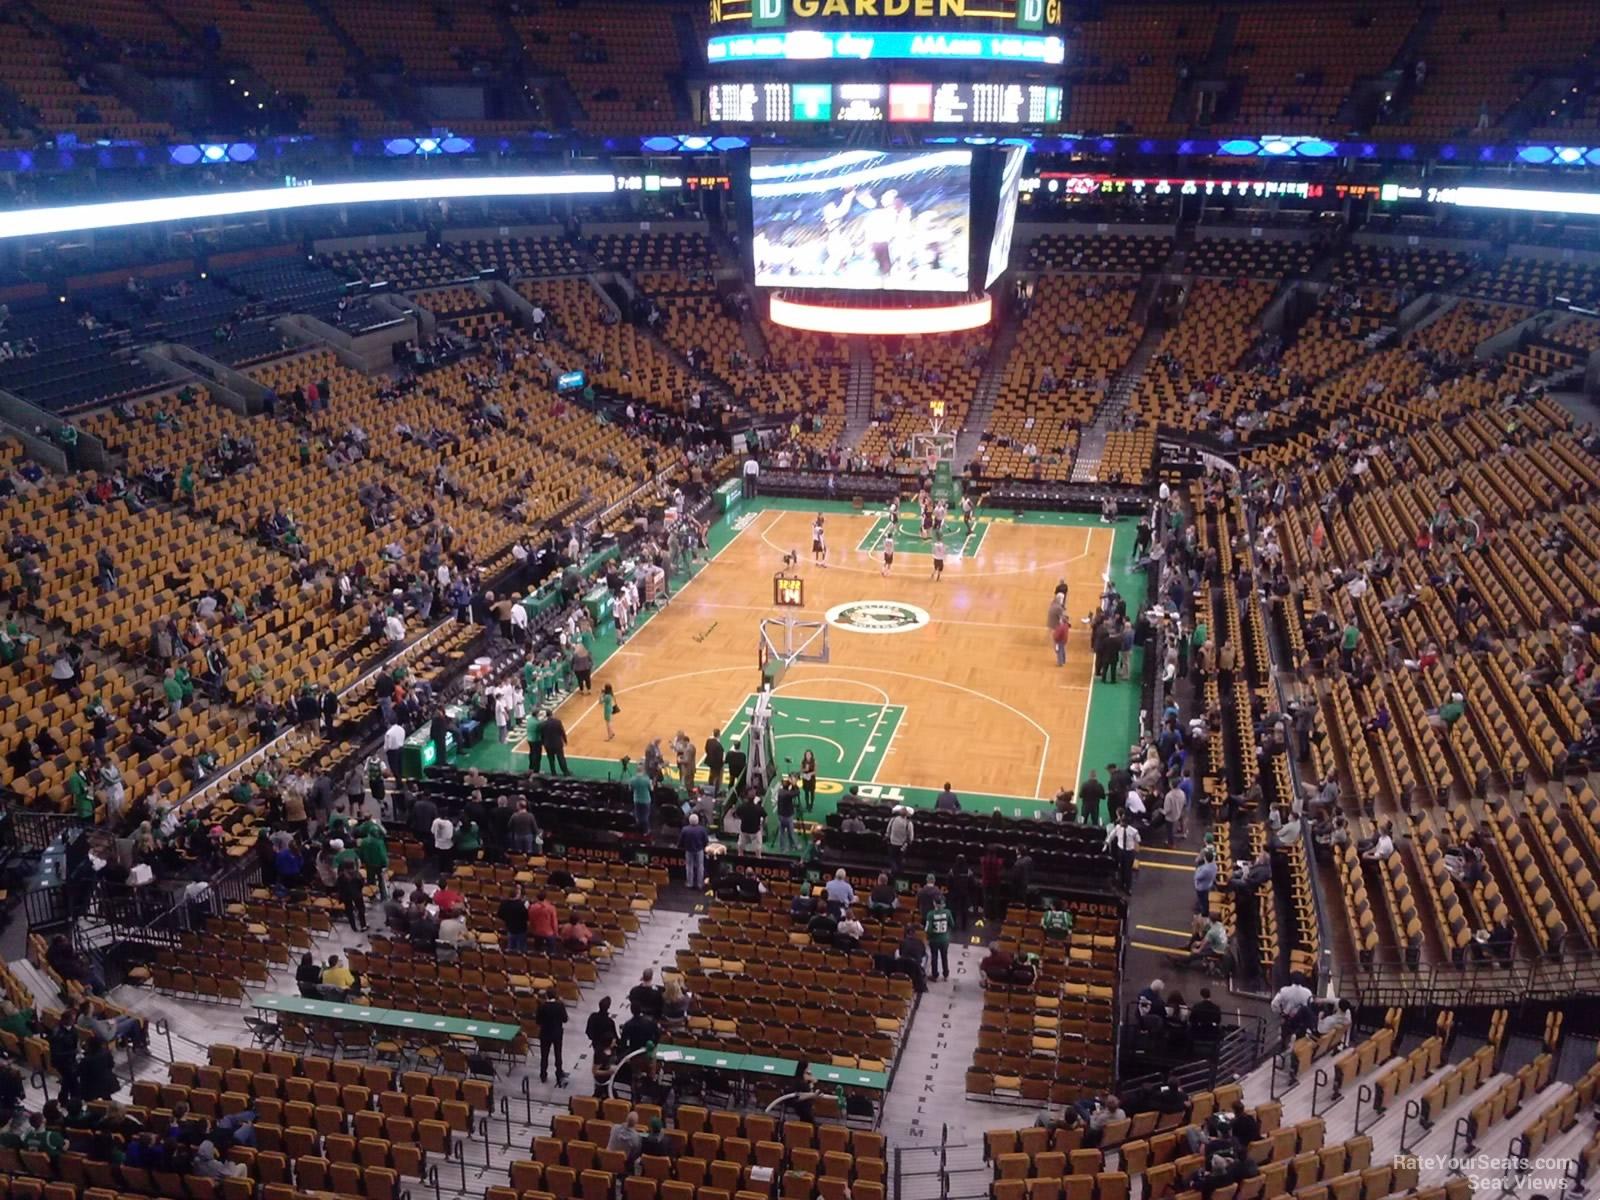 Td Garden Section 323 Boston Celtics